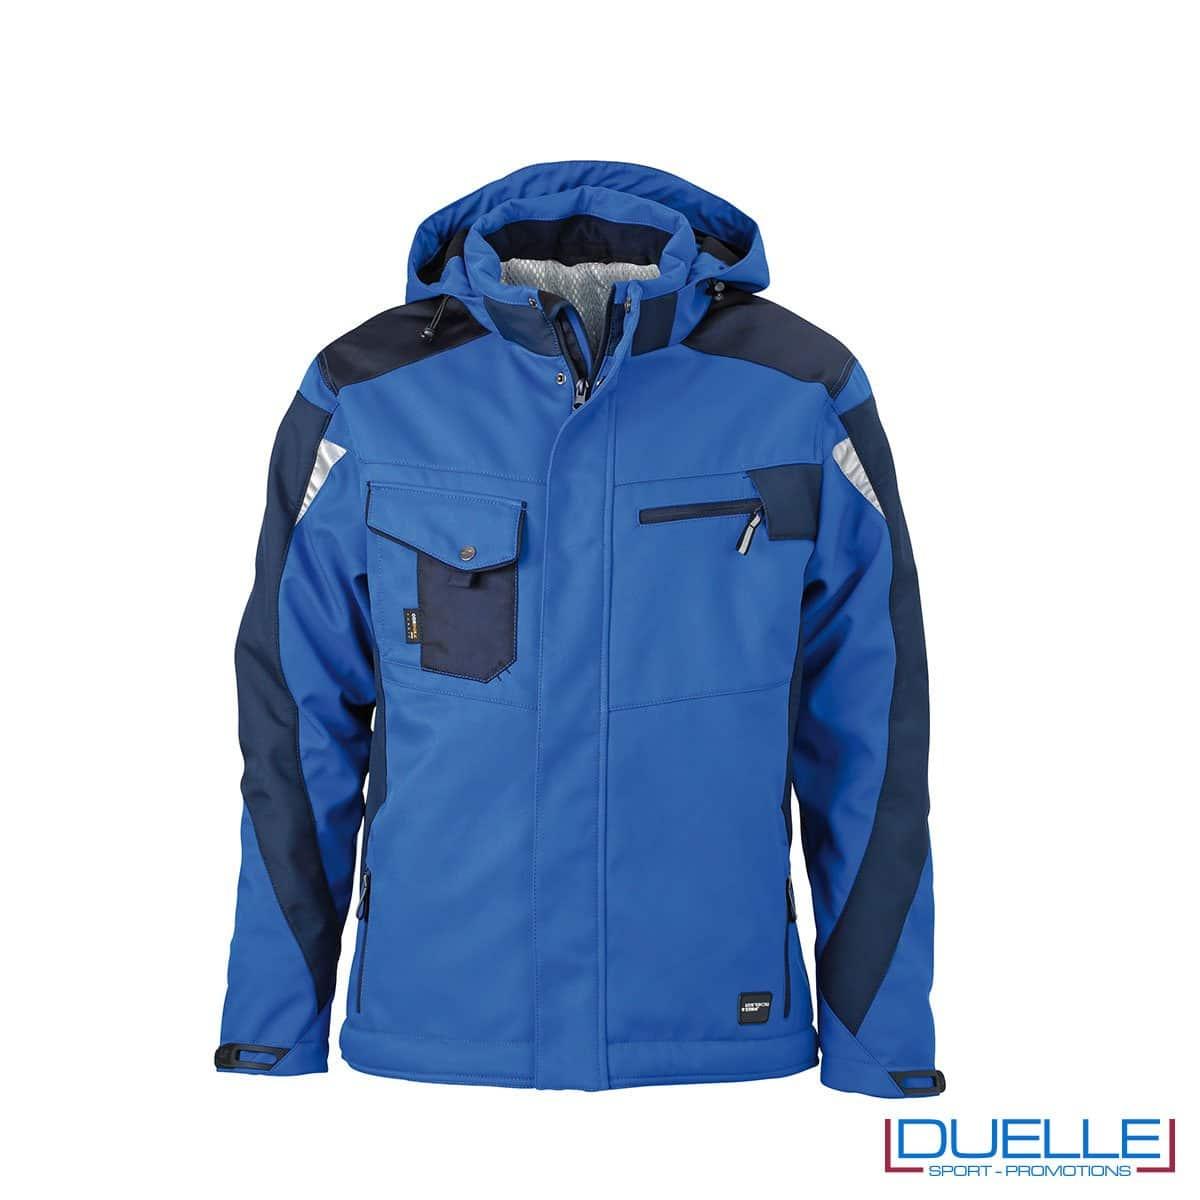 Giubbotto da lavoro personalizzato in colore blu royal